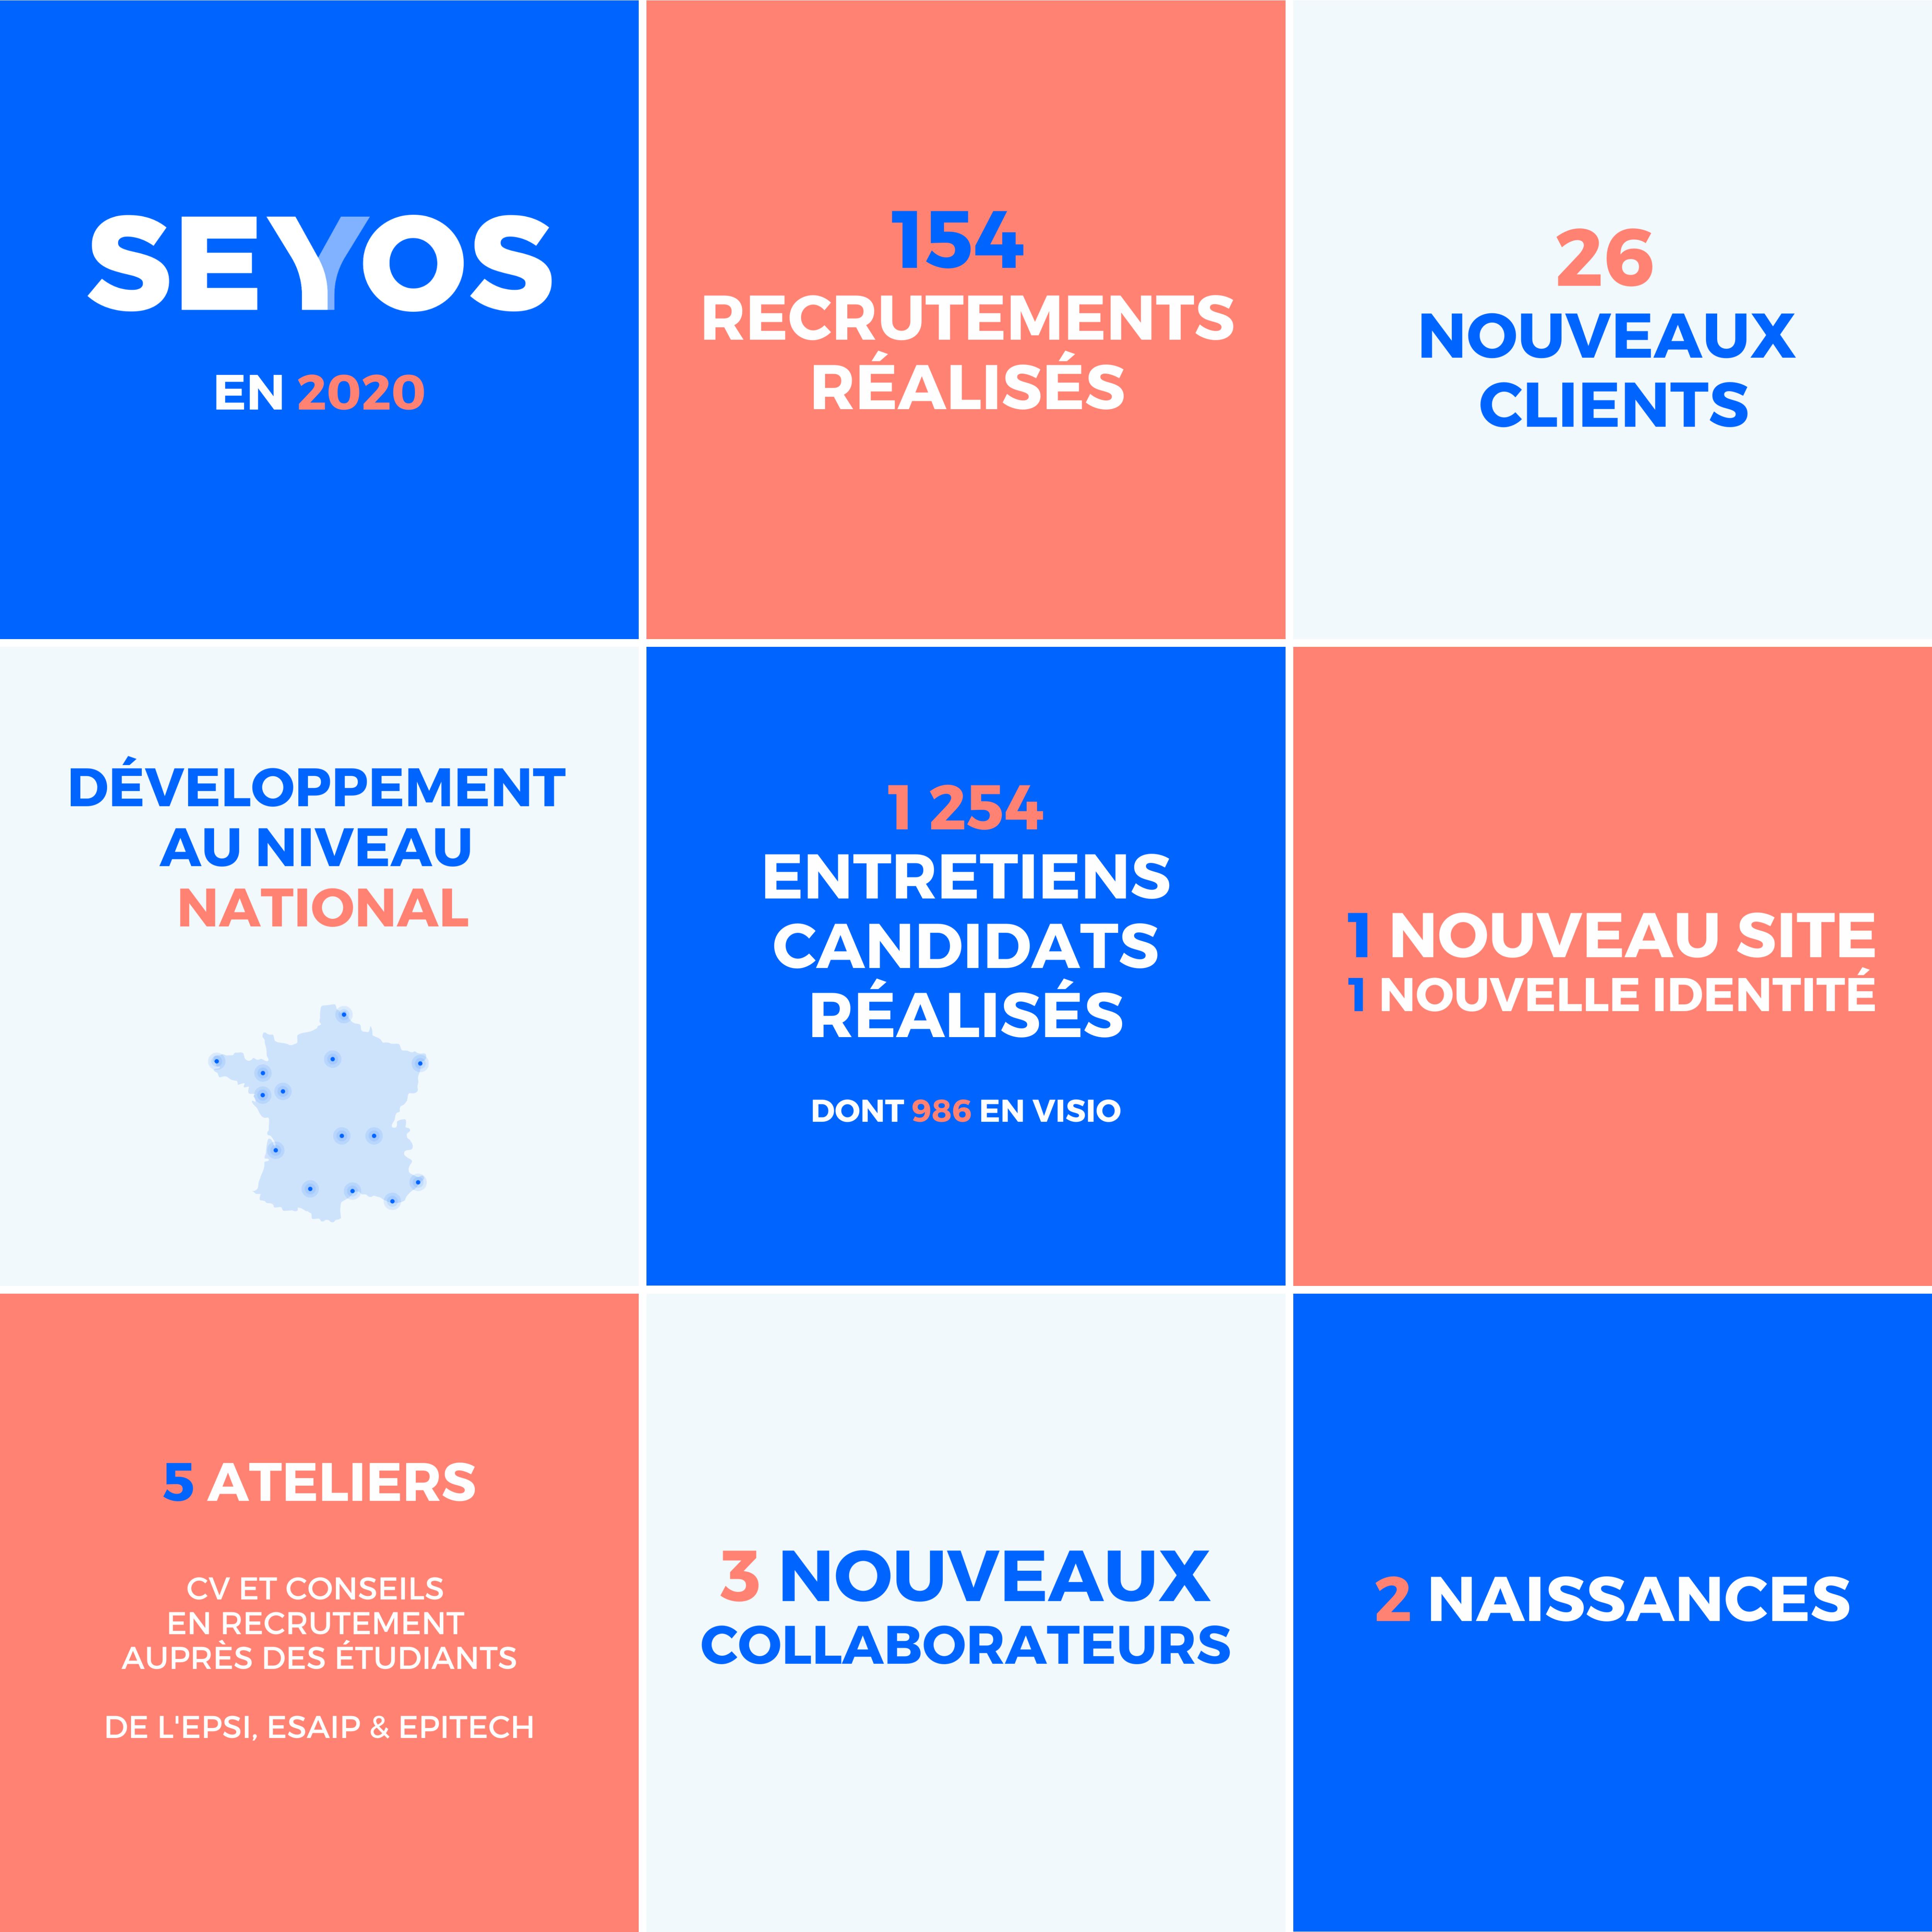 Bilan Seyos 2020